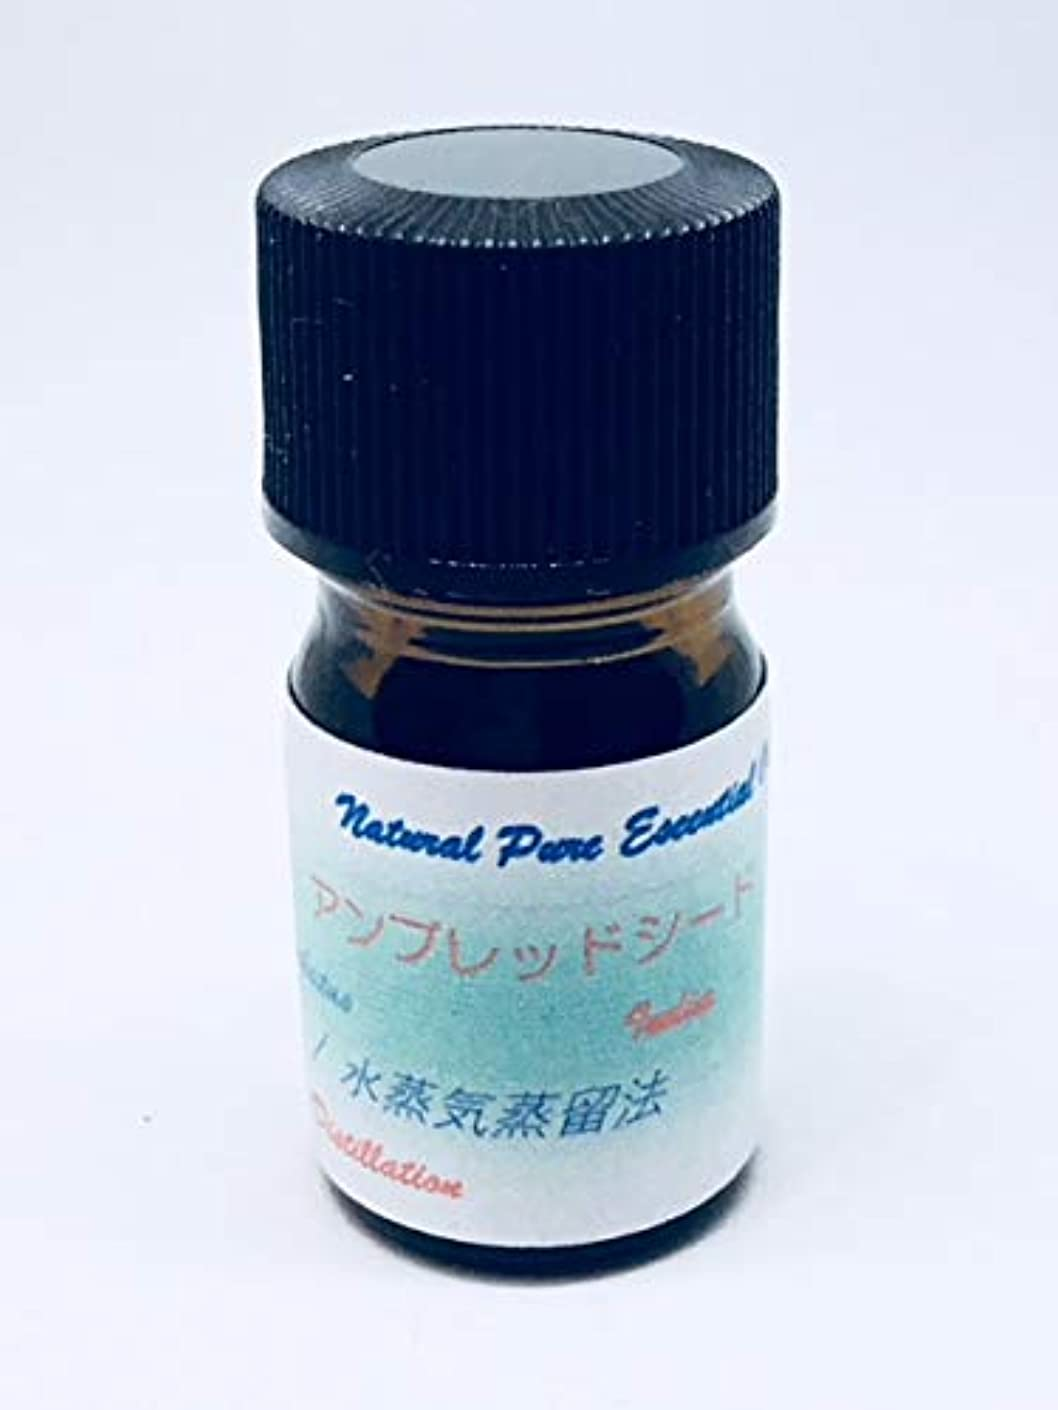 オープニングヒゲ究極のアンブレッドシード(植物性ムスク)精油 5ml100%ピュアエッセンシャル